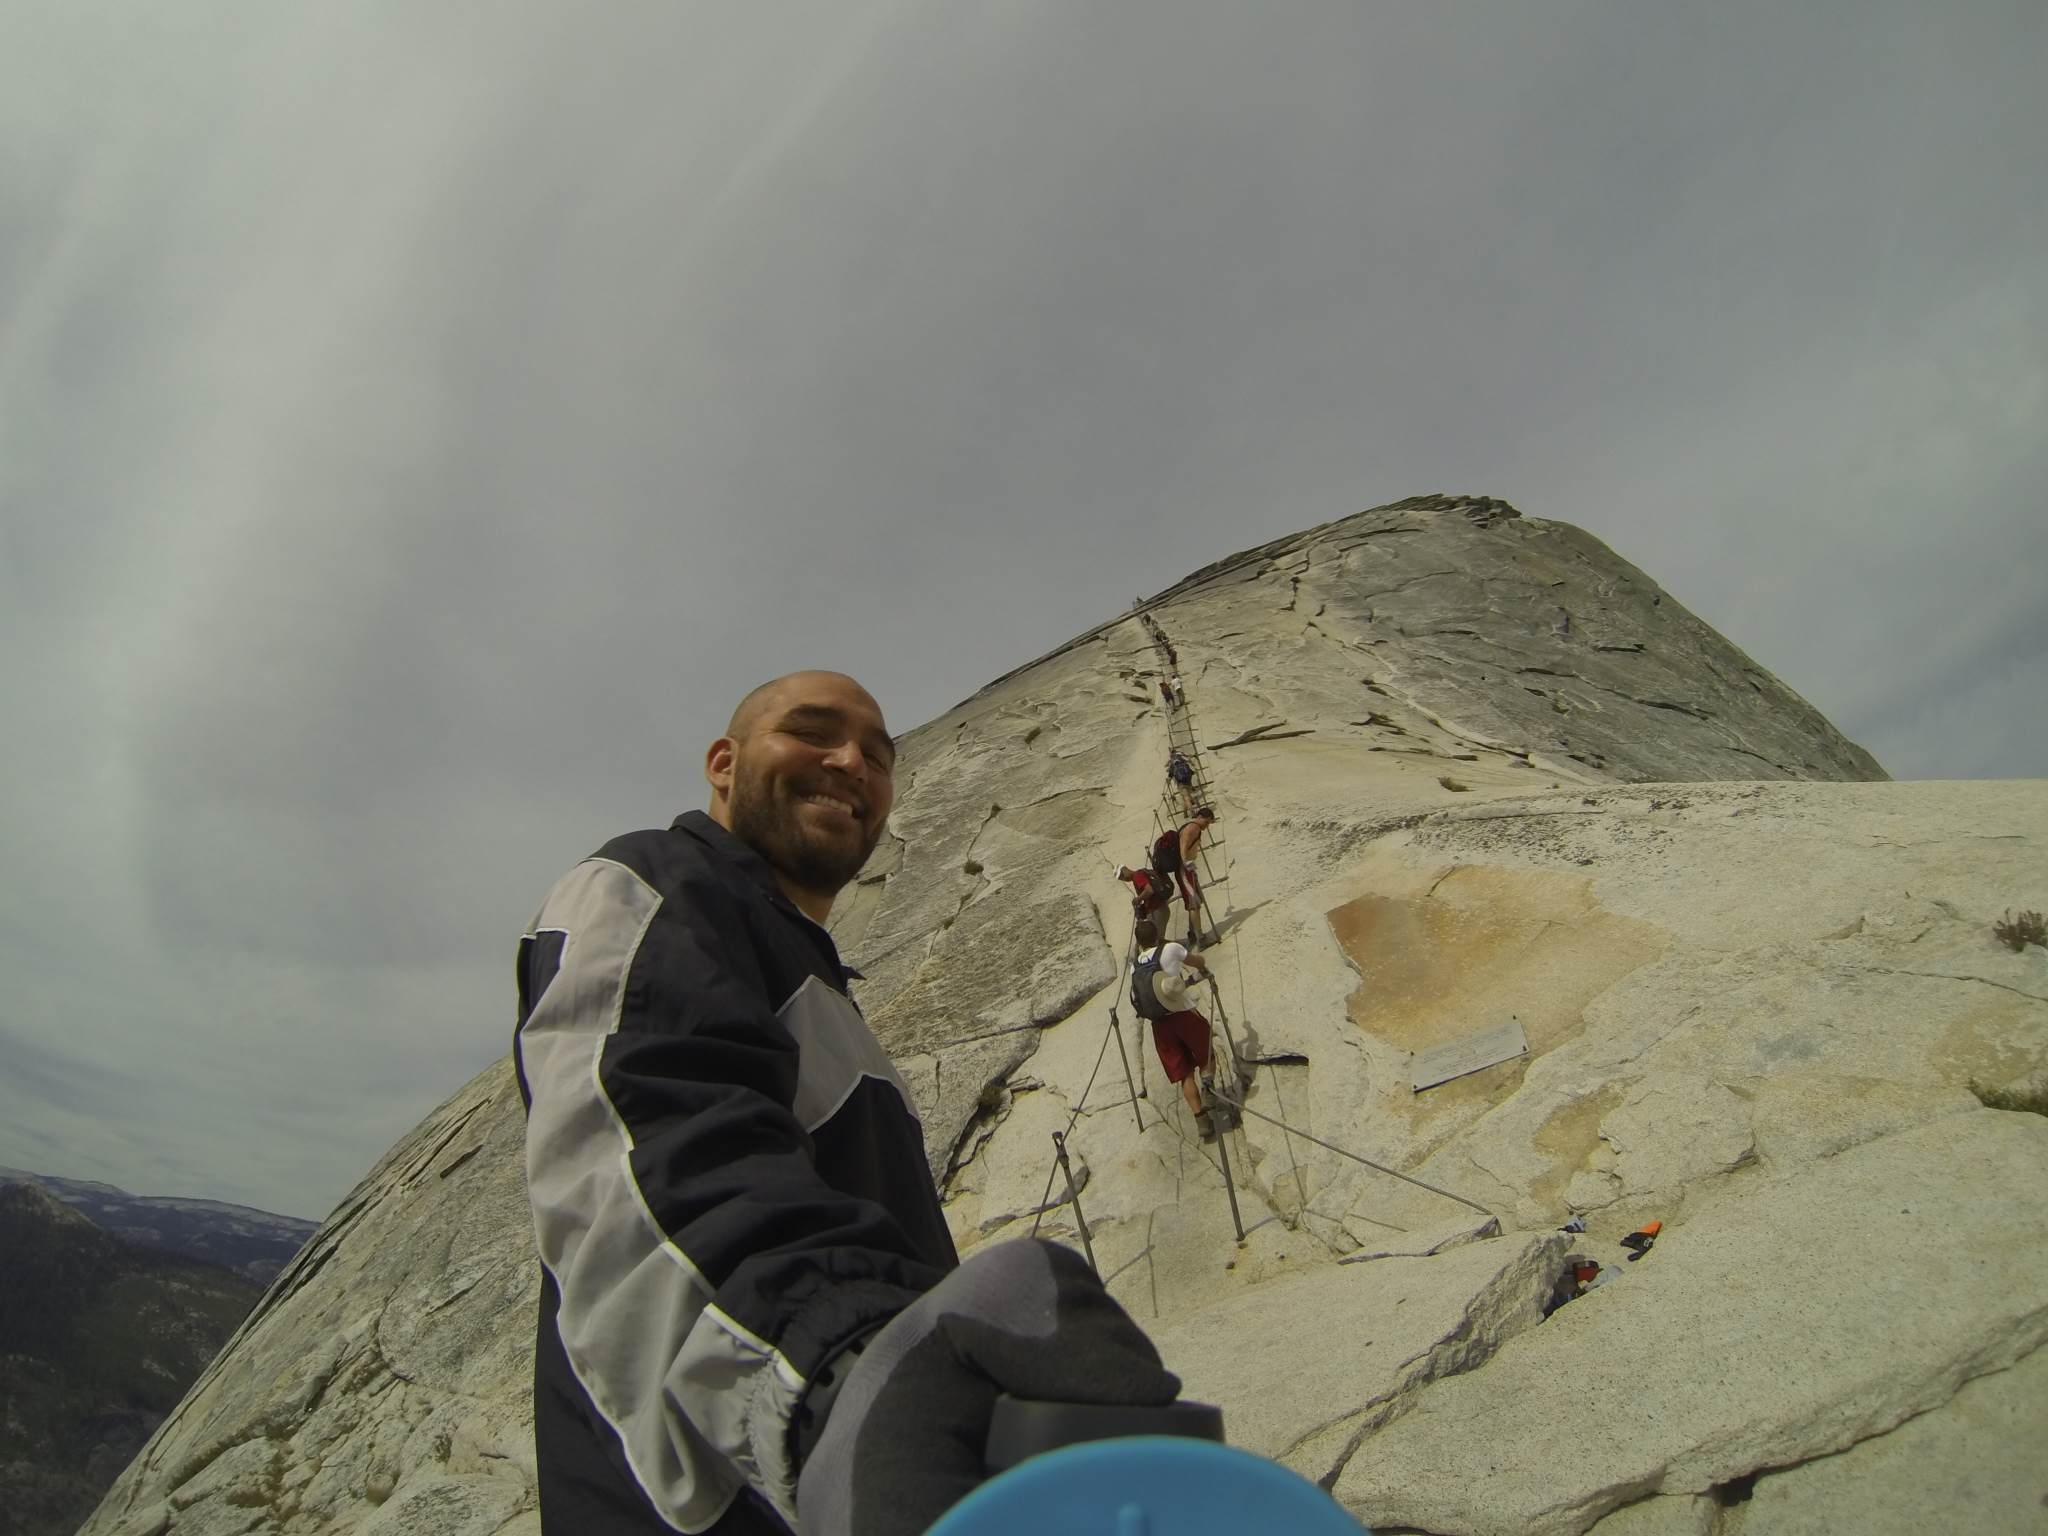 Climbing half dome in Yosemite